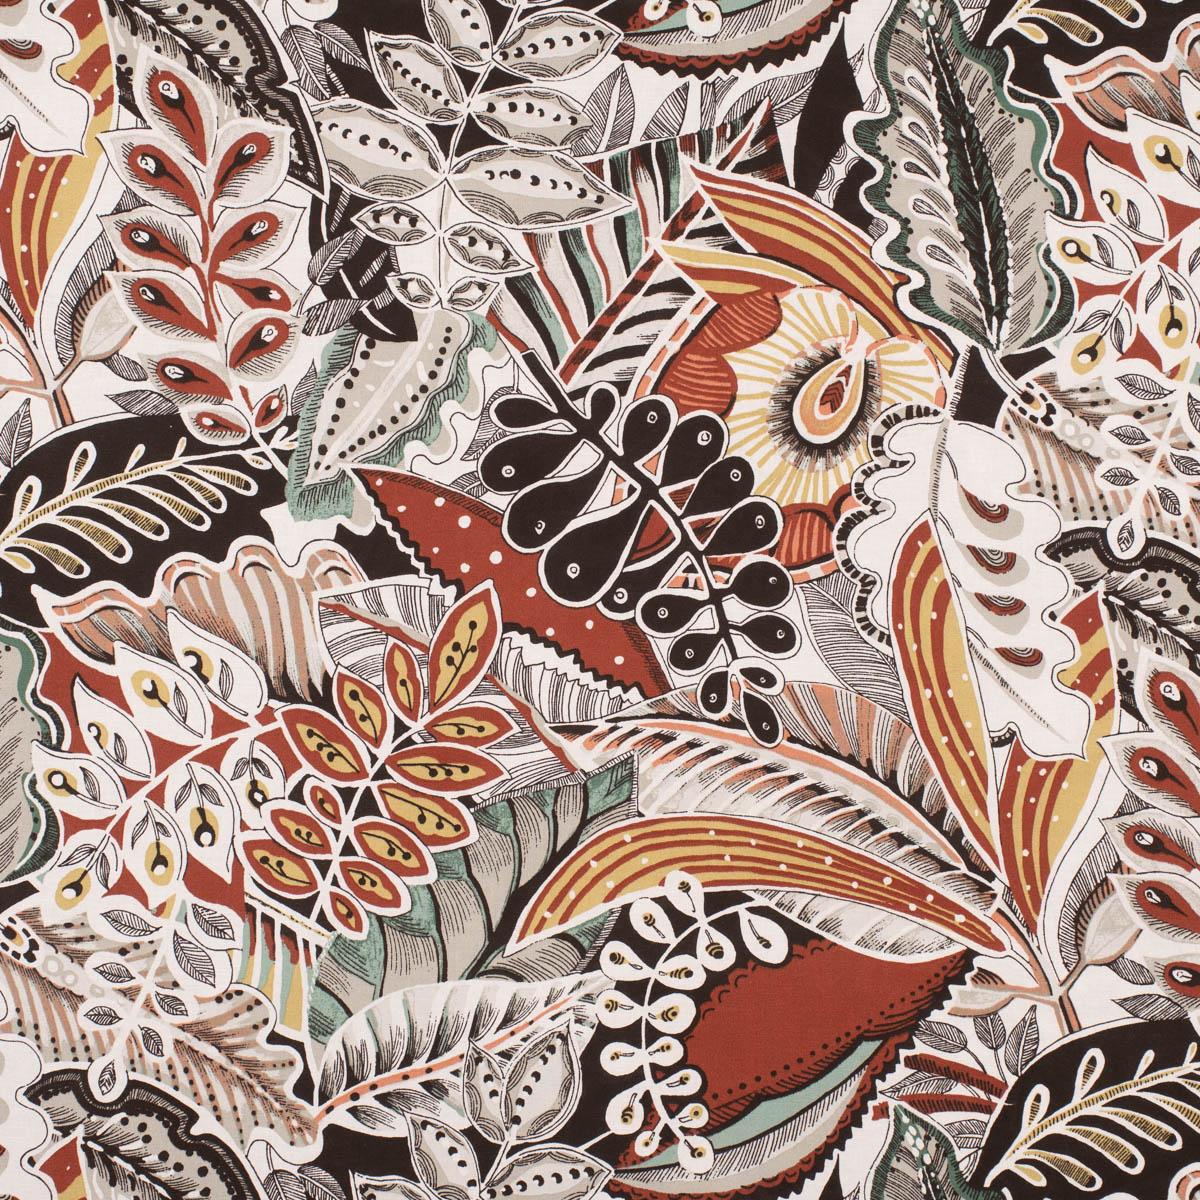 Dekostoff Halb-Panama überbreit Allover Blätter abstrakt terracotta 280cm Breite